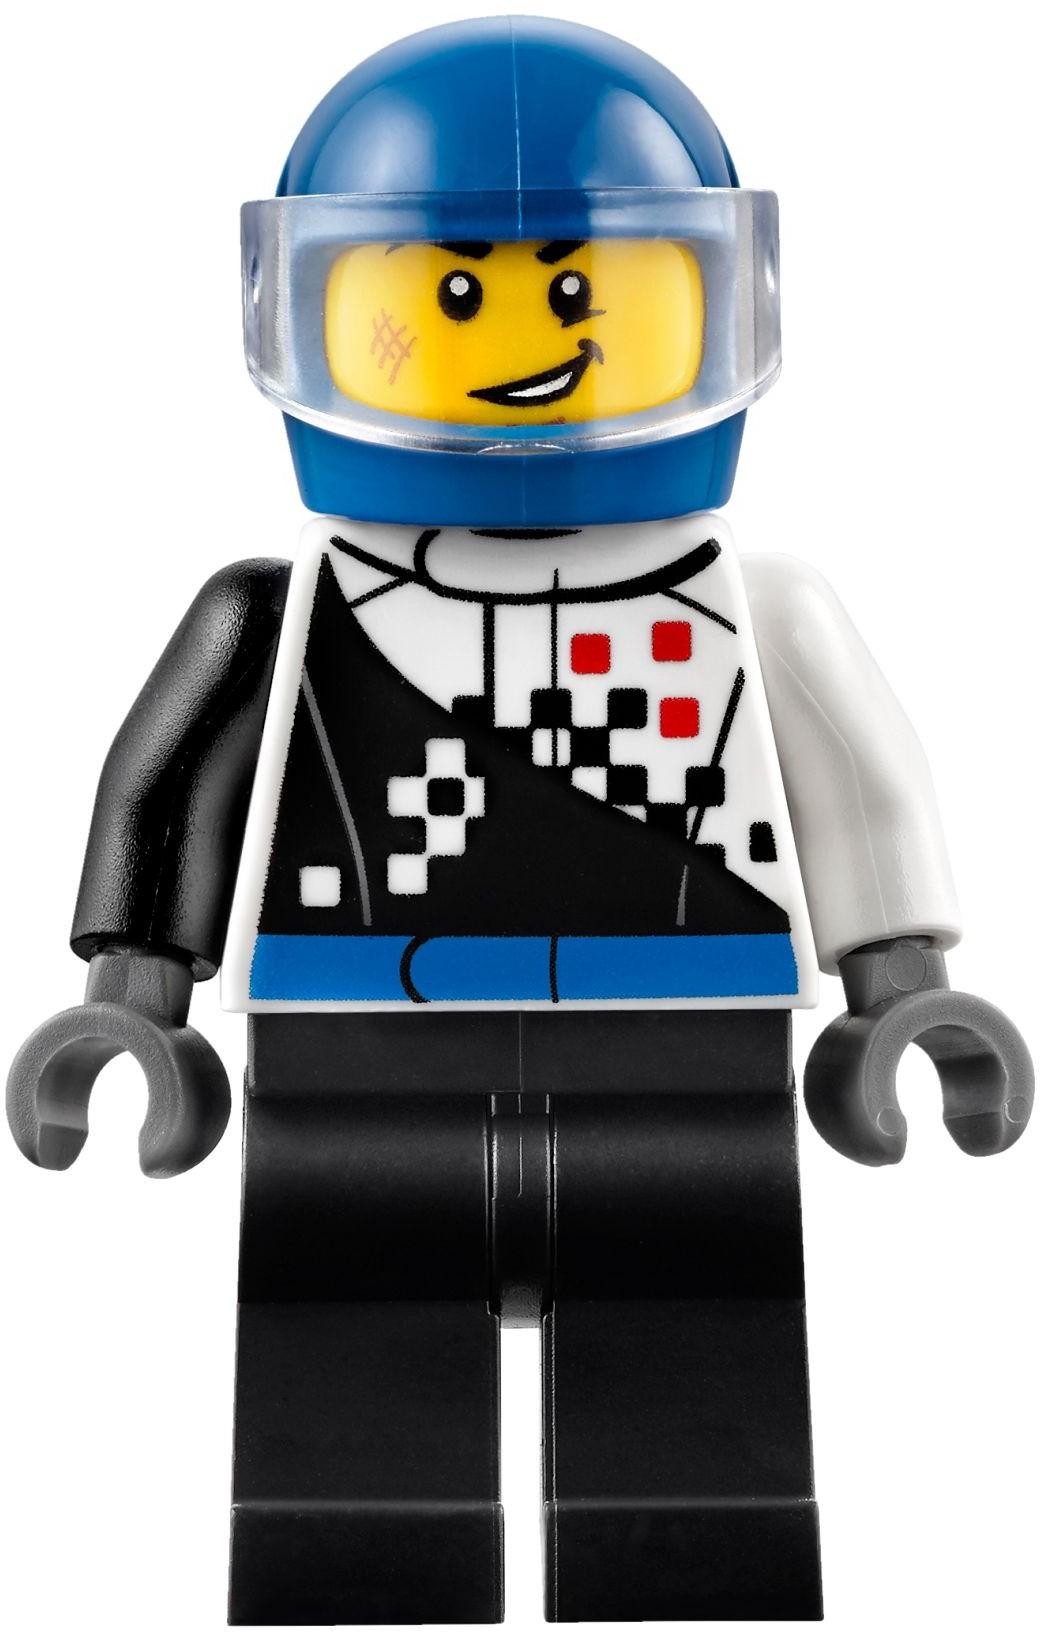 Mua đồ chơi LEGO 60145 - LEGO City 60145 - Xe Đua Địa Hình (LEGO City Buggy 60145)